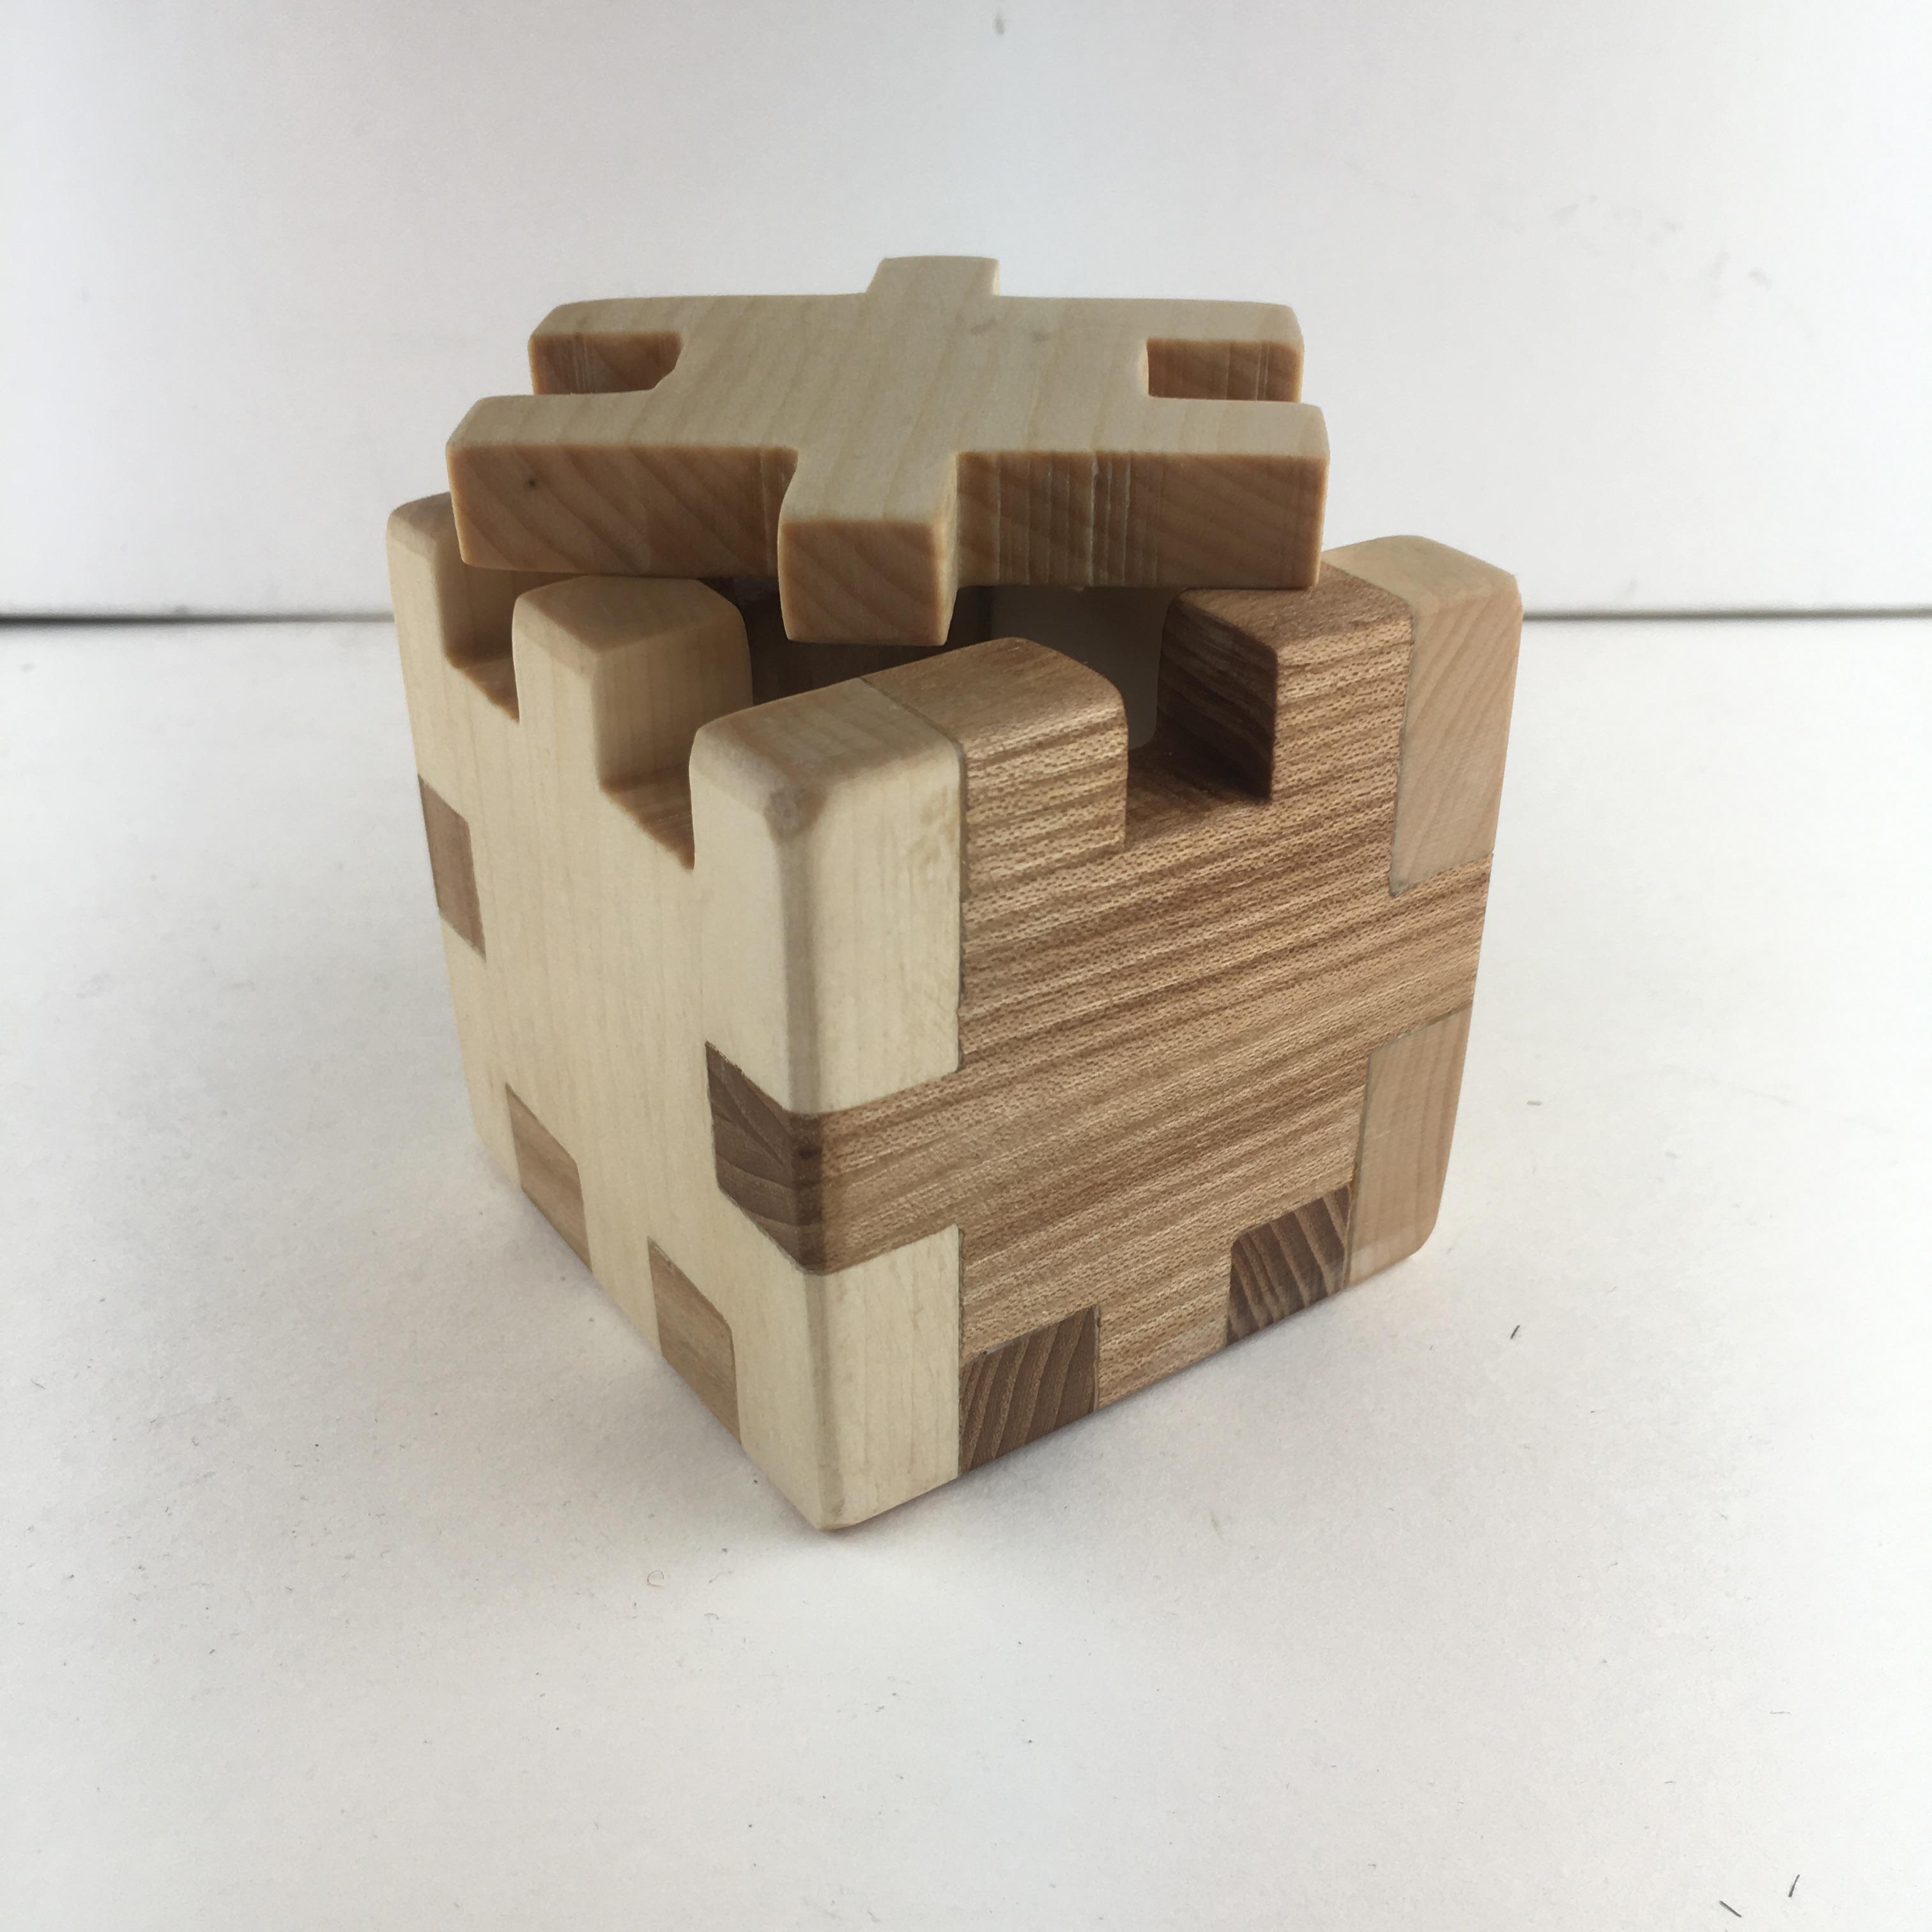 Ett saltkar i trä inspirerat av en pusselkub.